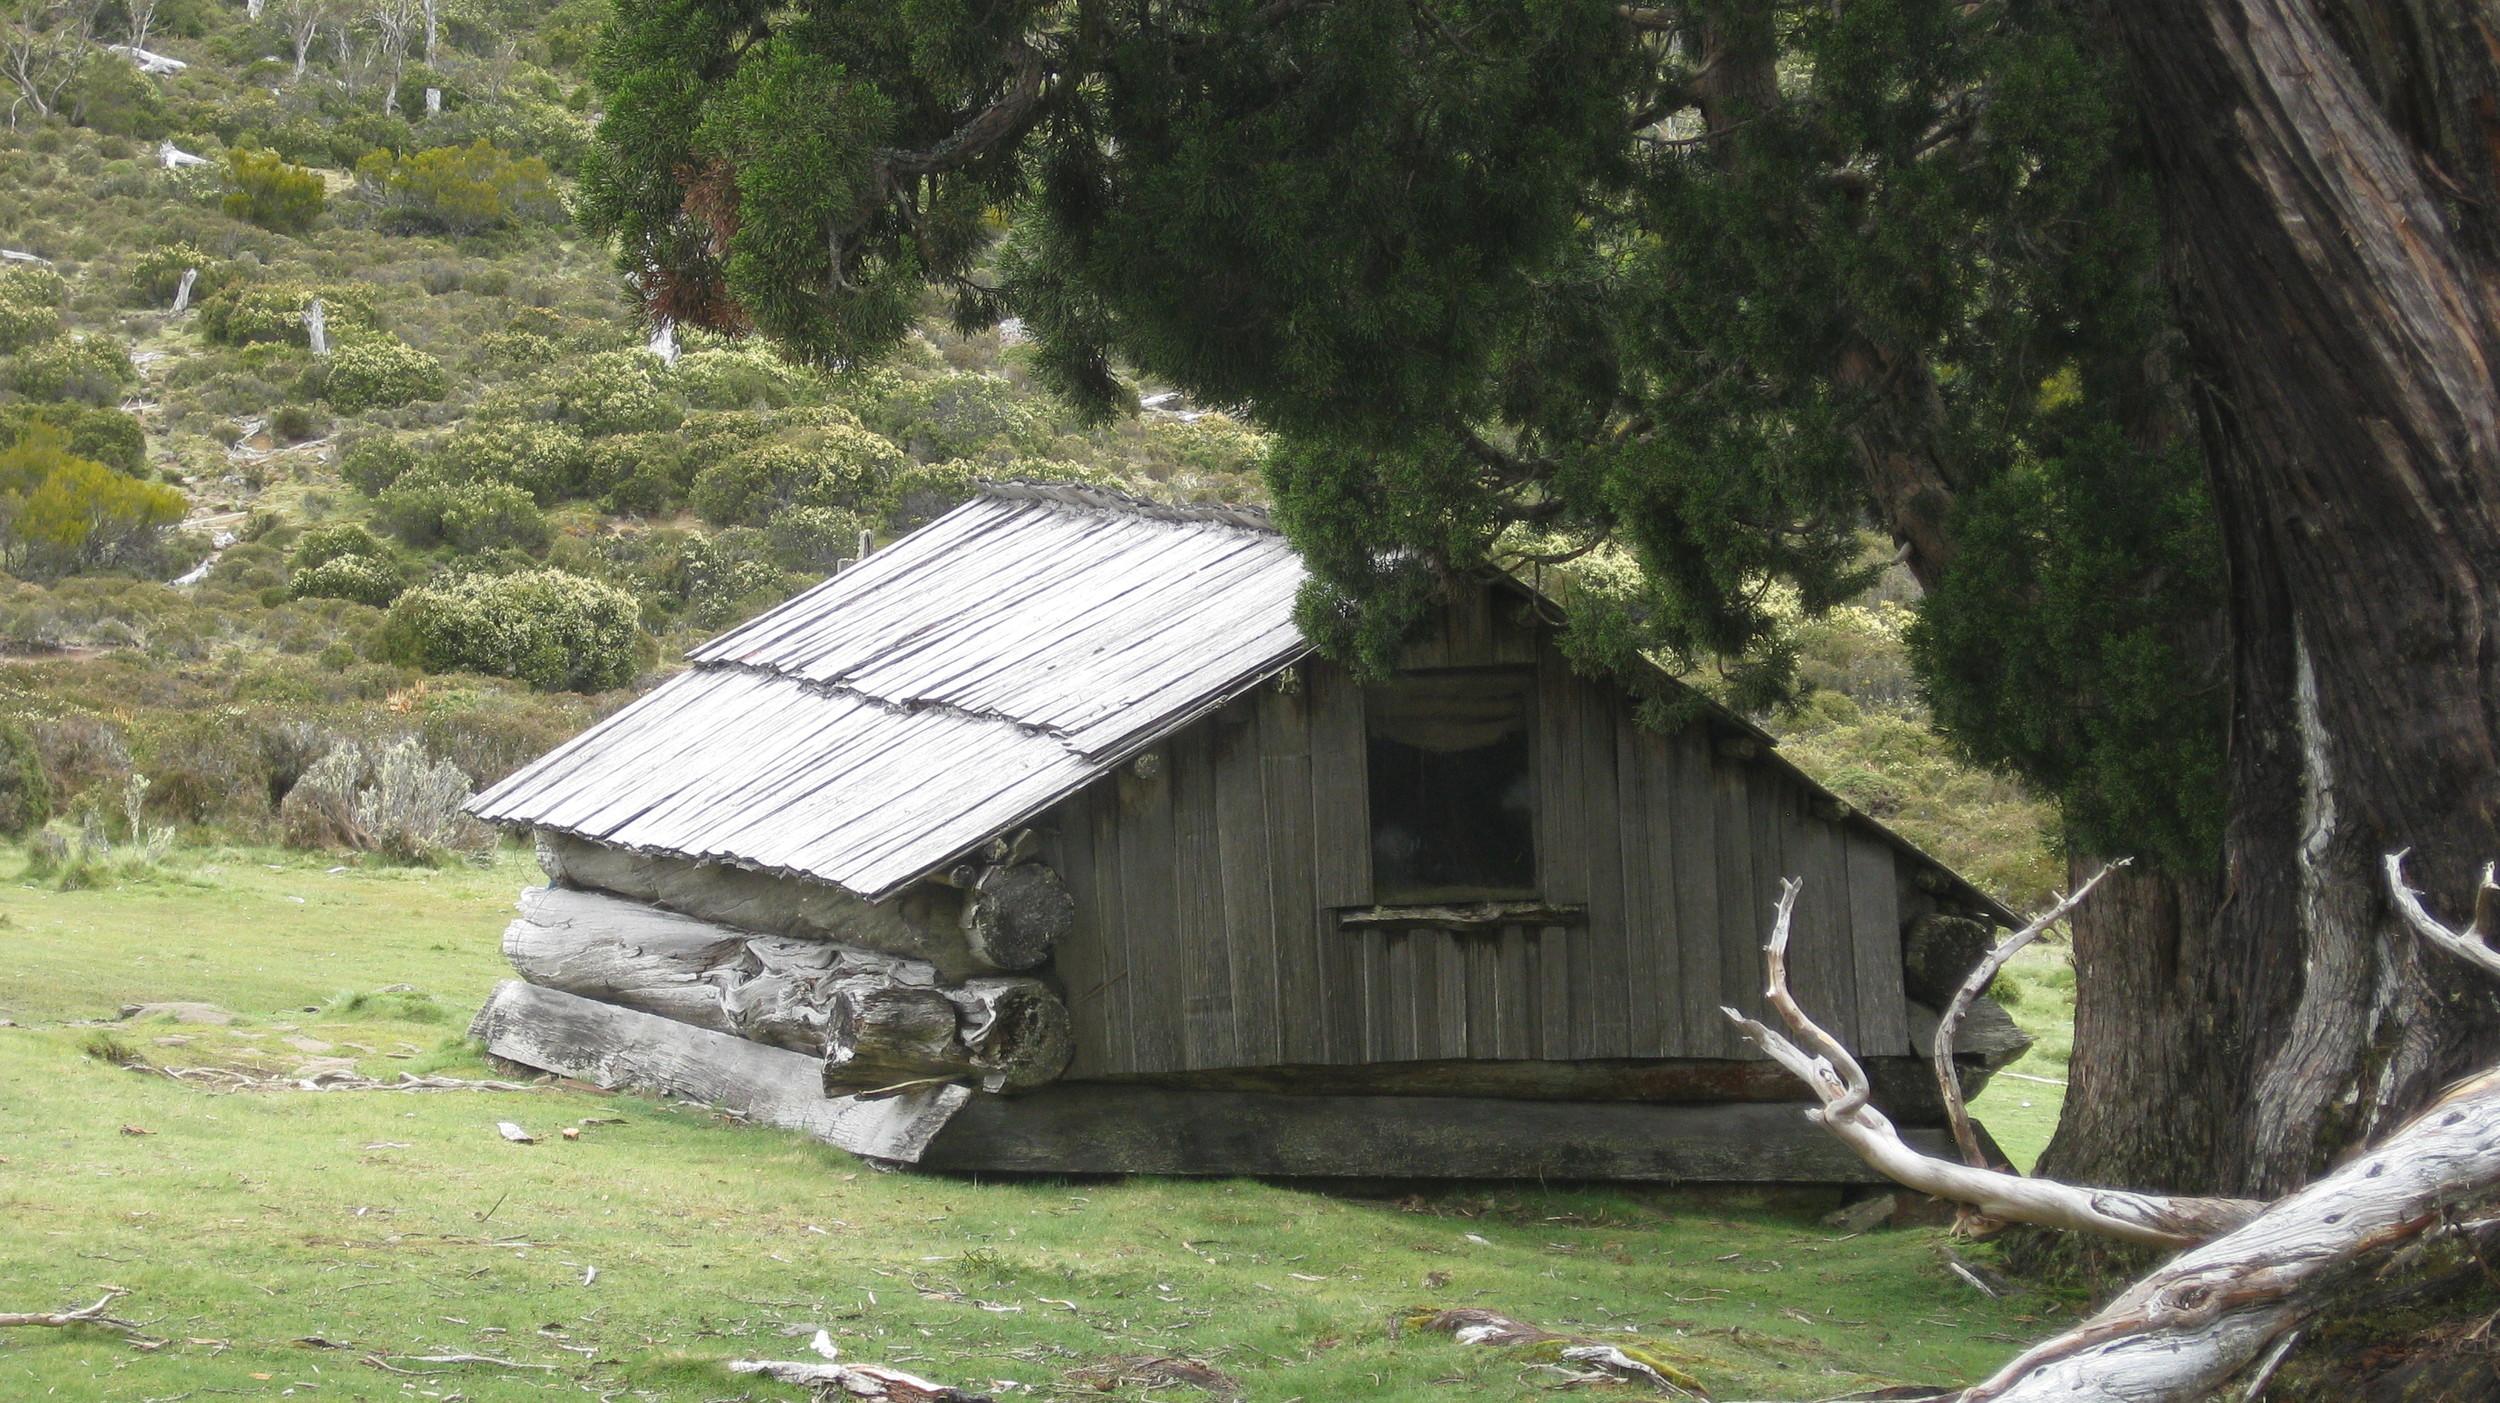 dixons kingdom hut